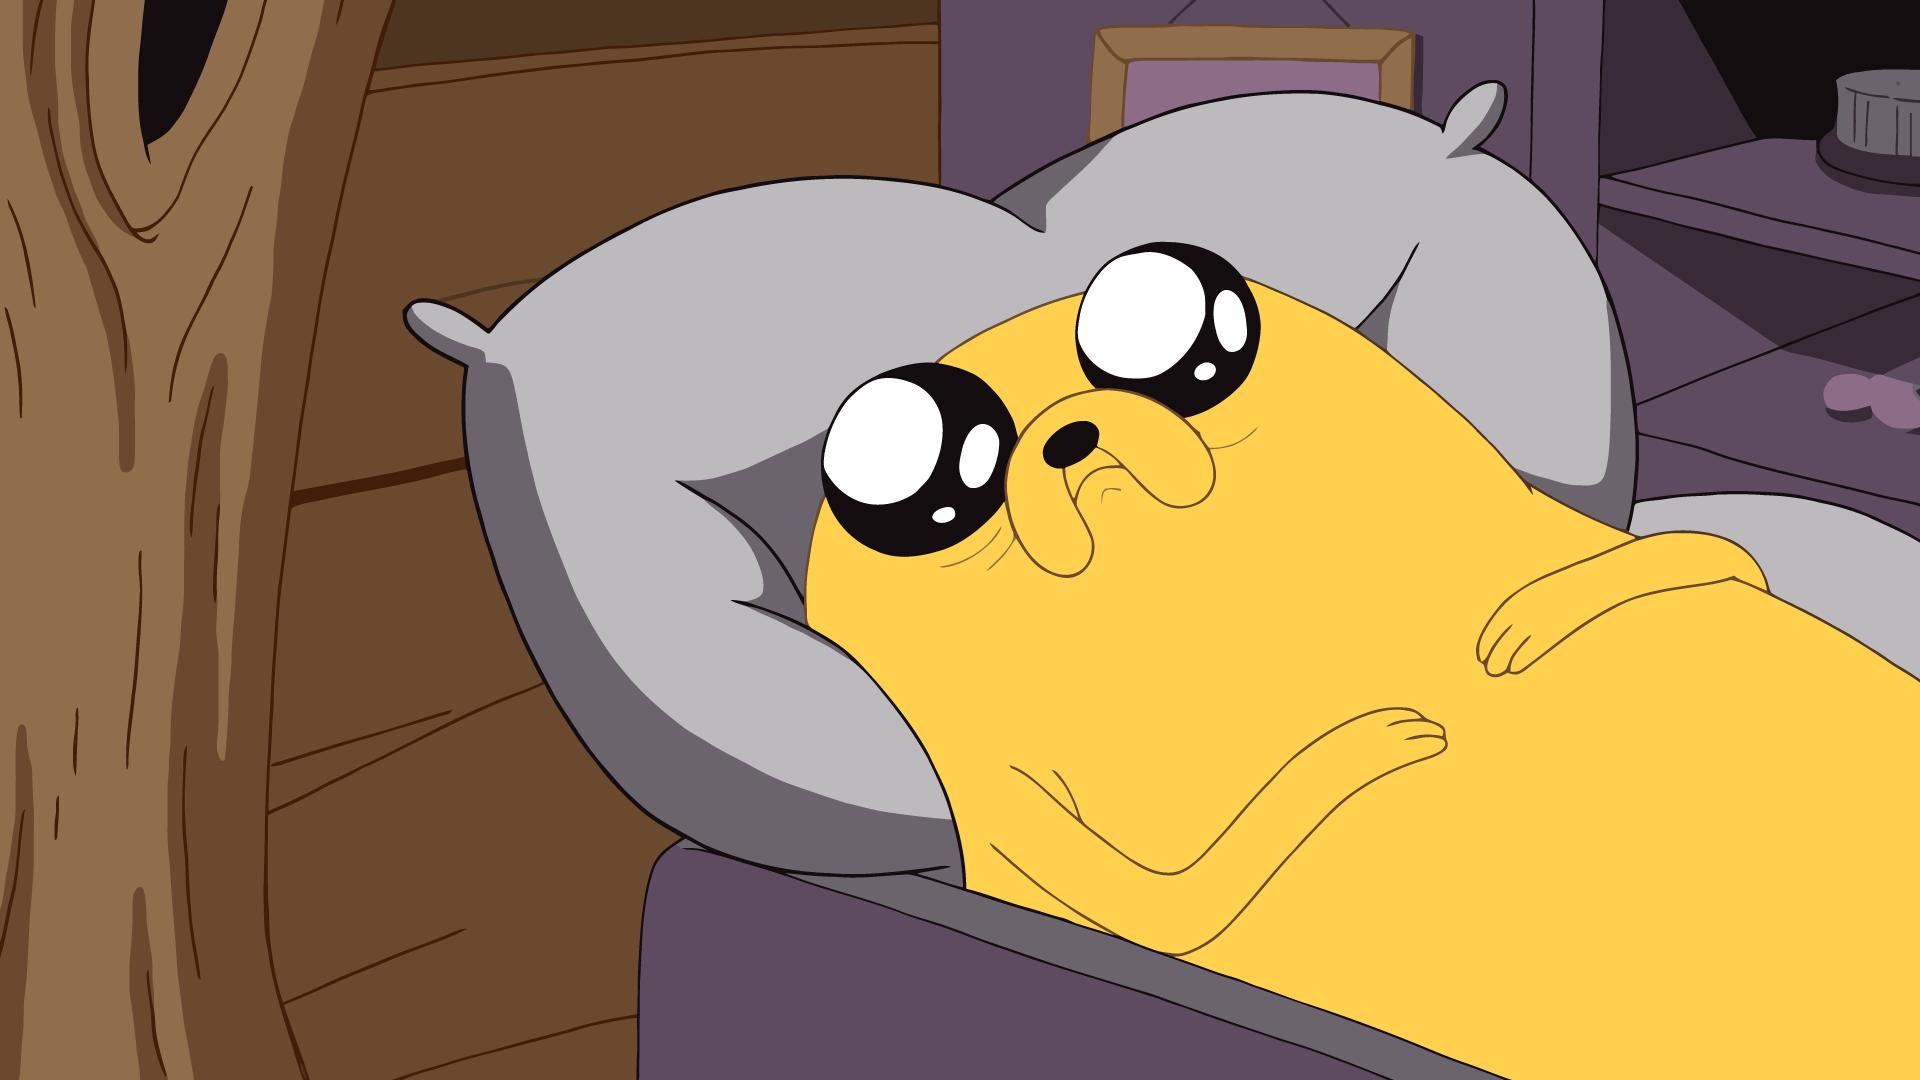 Pin De Cartoon Network Espana En Hora De Aventuras Adventure Time Personajes Marceline Hora De Aventura Jake El Perro